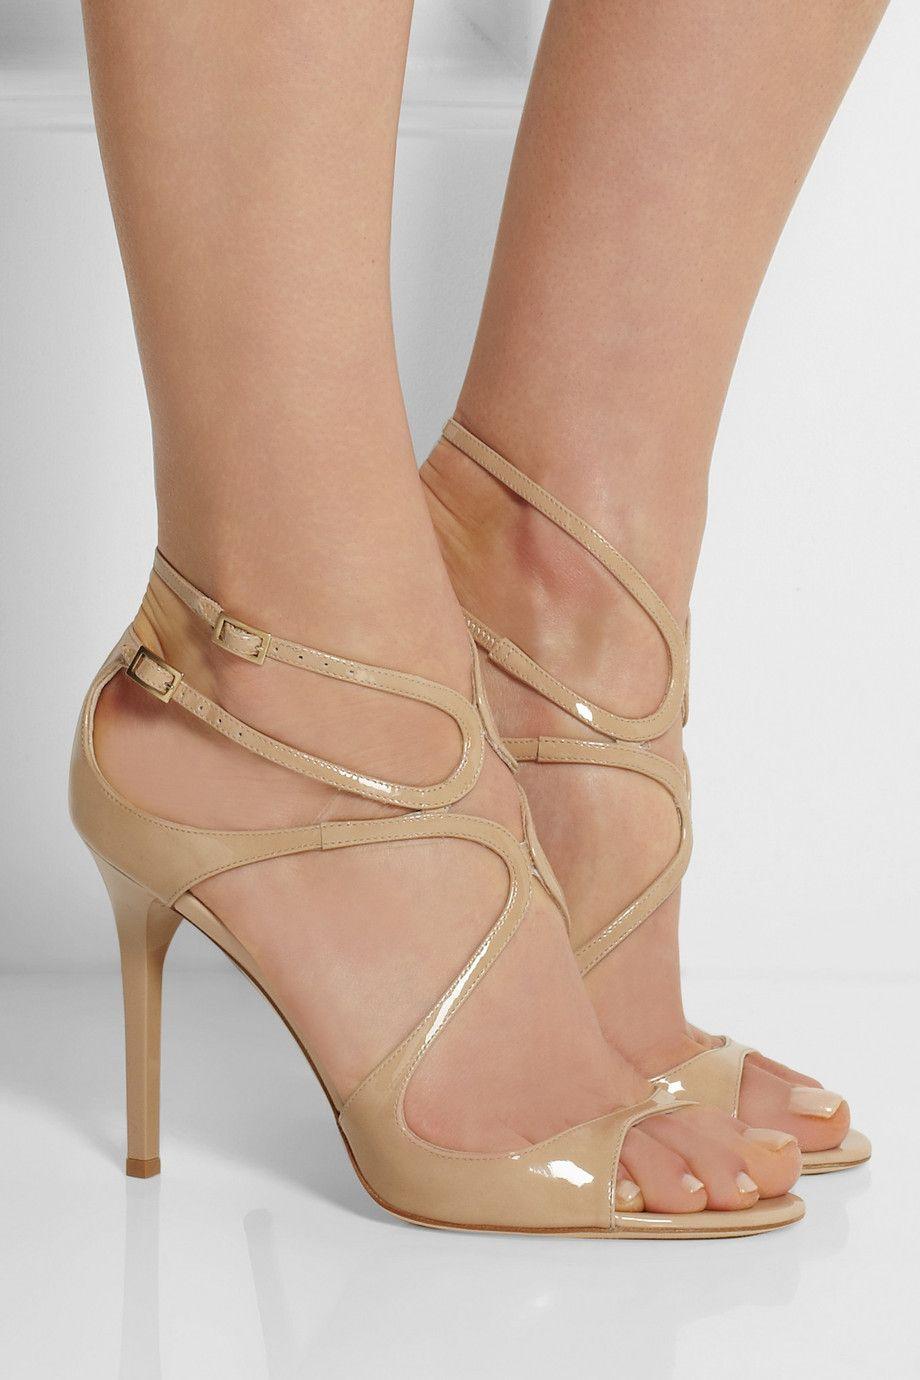 Sandalias de verano Gladiator Women Shoes, Lang Tacones altos Sandalias Bombas de mujer Lanza Sandalias Sandalias Partido, Boda, Caja de novia Original, EU35-43